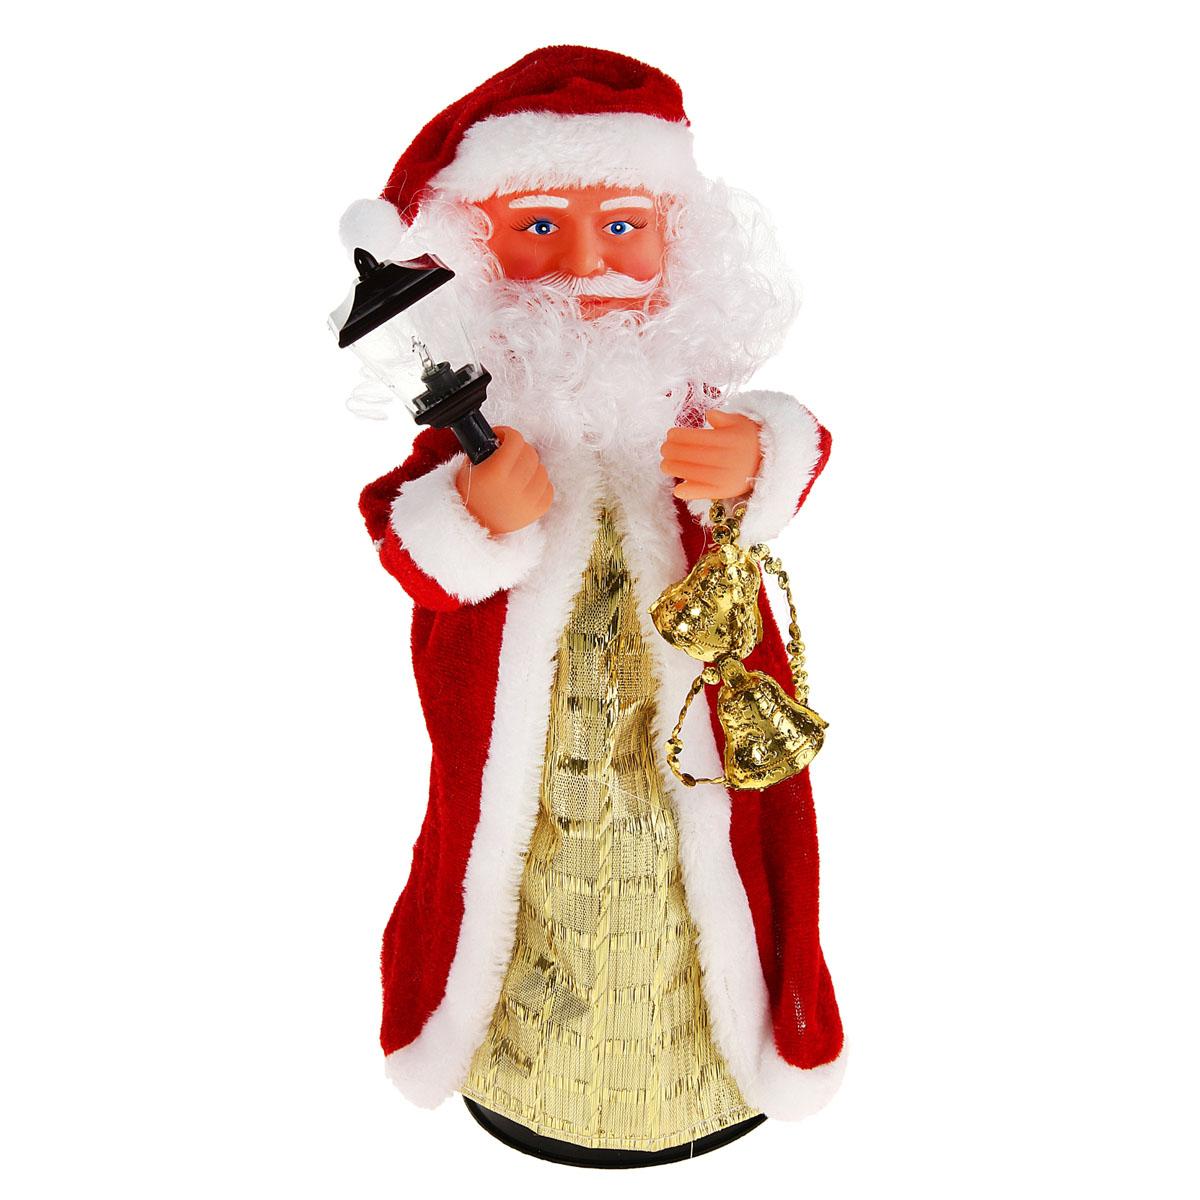 Новогодняя декоративная фигурка Sima-land Дед Мороз, анимированная, высота 28 см. 827831 игровые фигурки новогодняя сказка кукла дед мороз сидячий 43 см